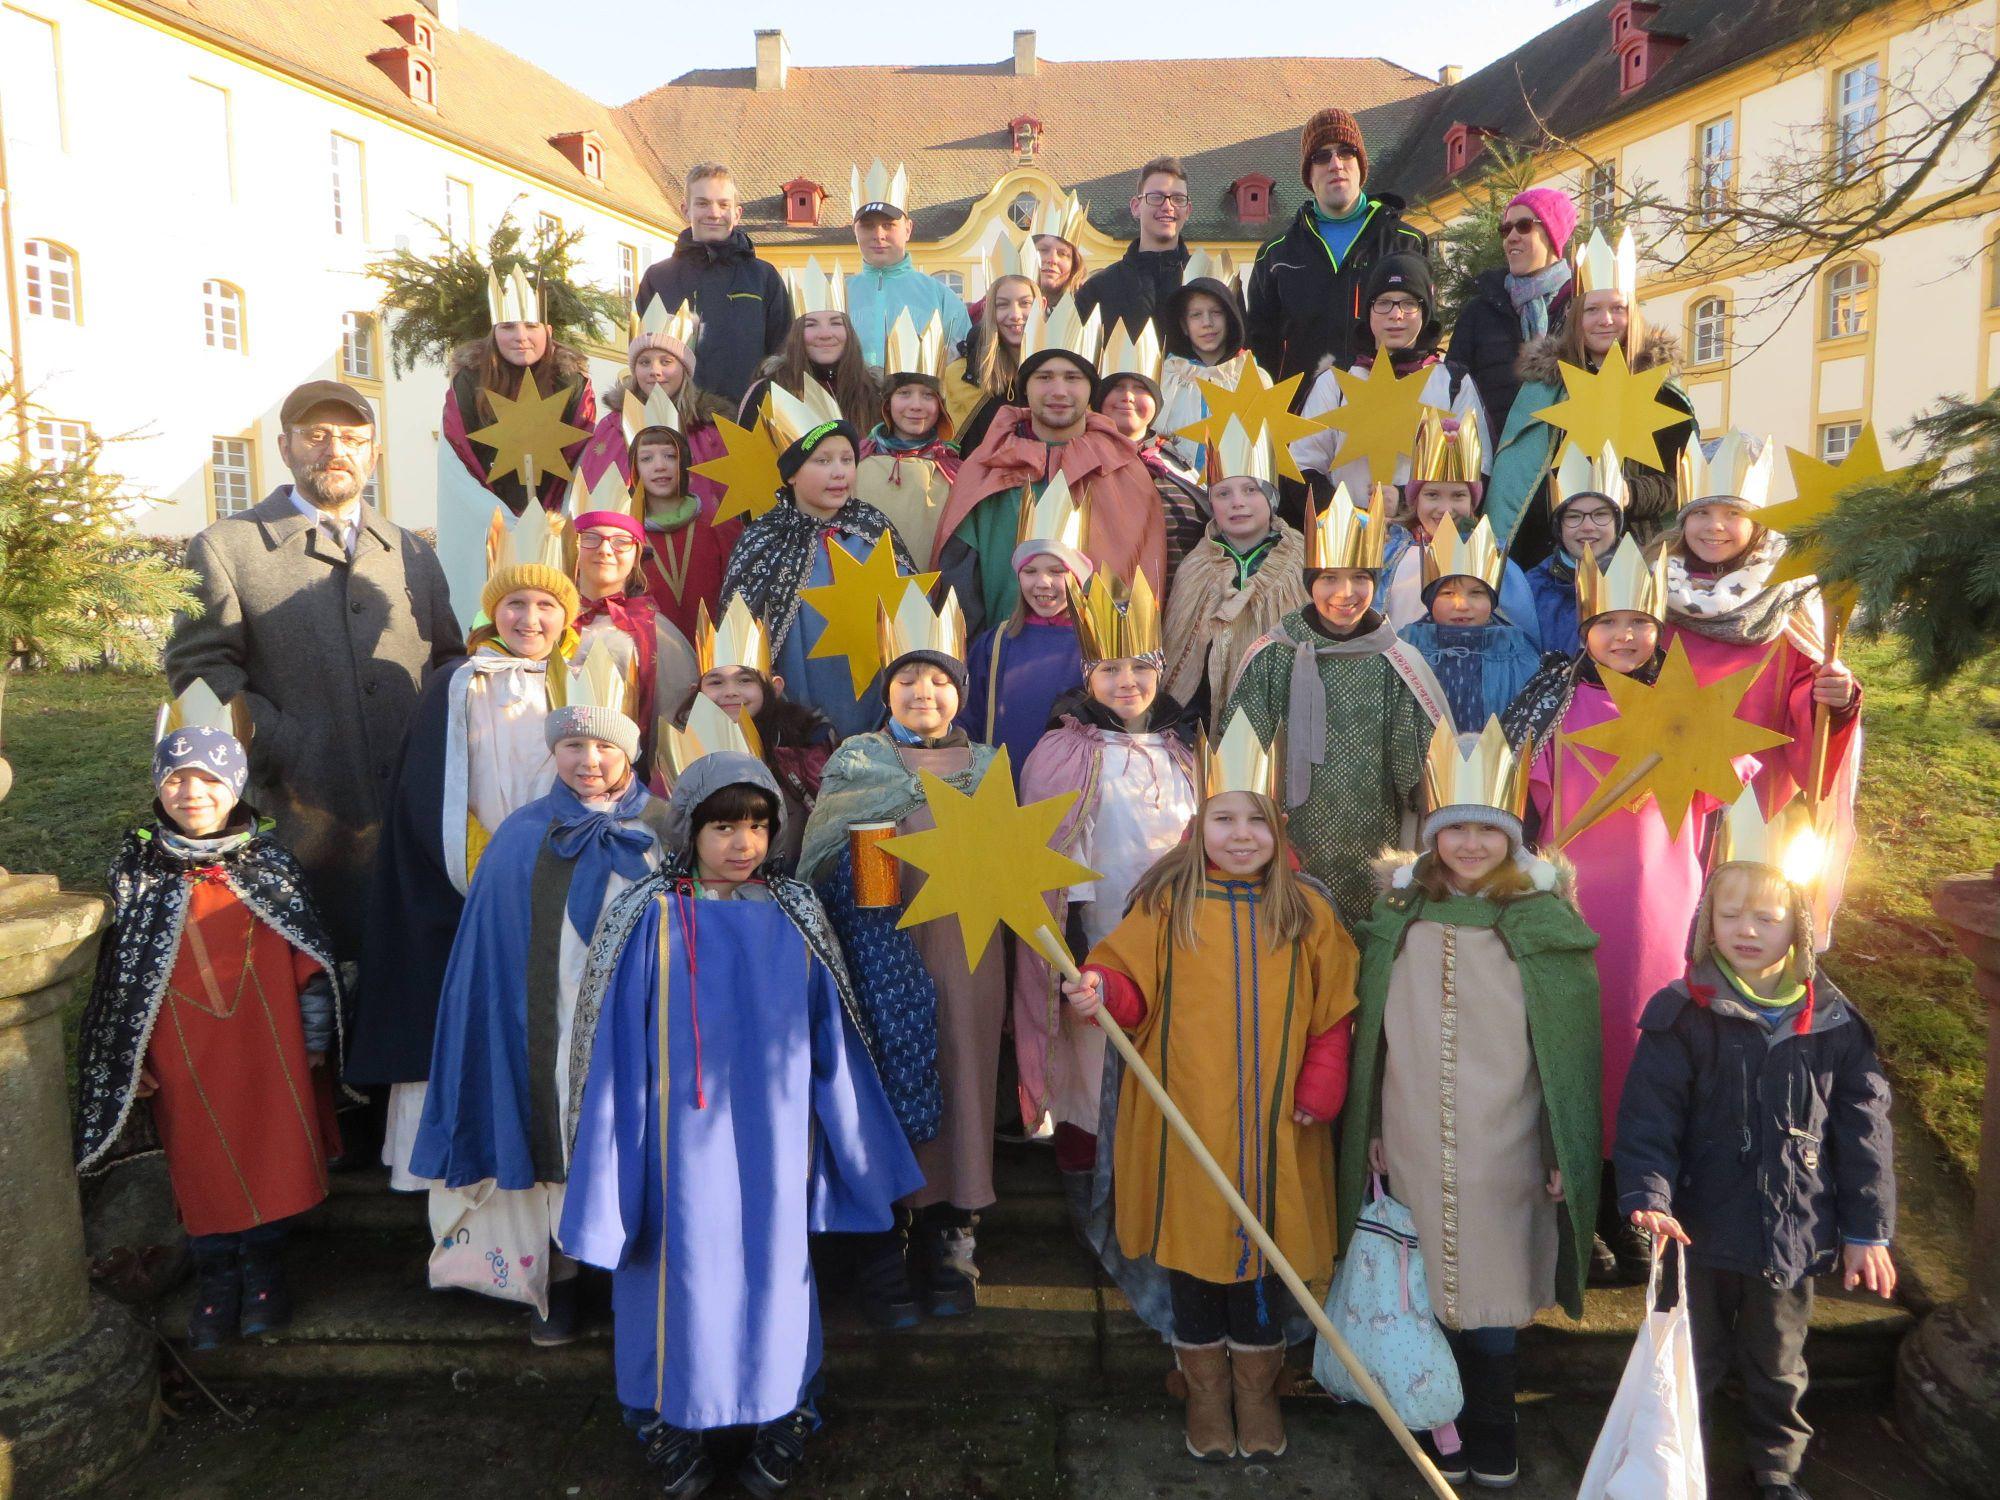 """Dieses Jahr machten sich 30 ökumenische Sternsinger auf, in Rentweinsdorf (Dekanat Haßberge) den Neujahrssegen weiterzutragen. Die Spenden der Gemeinschaftsaktion gehen dieses Jahr unter anderem an das Projekt """"Lifegate"""" in Bethlehem."""